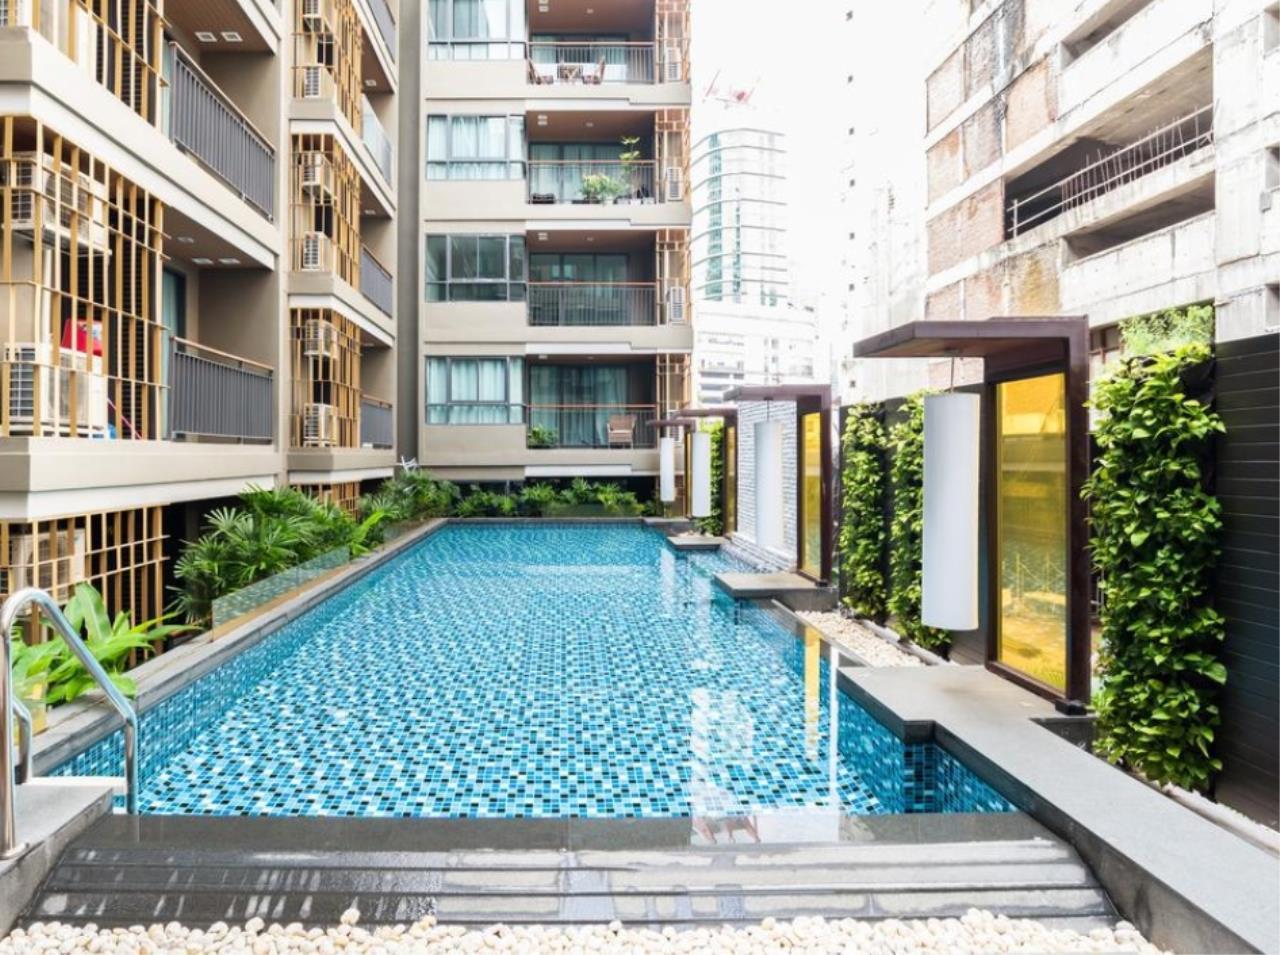 Arken Estate Agency Property Agency near BTS & MRT Agency's For Rent Mirage 27, 1 bed 1 bath 2